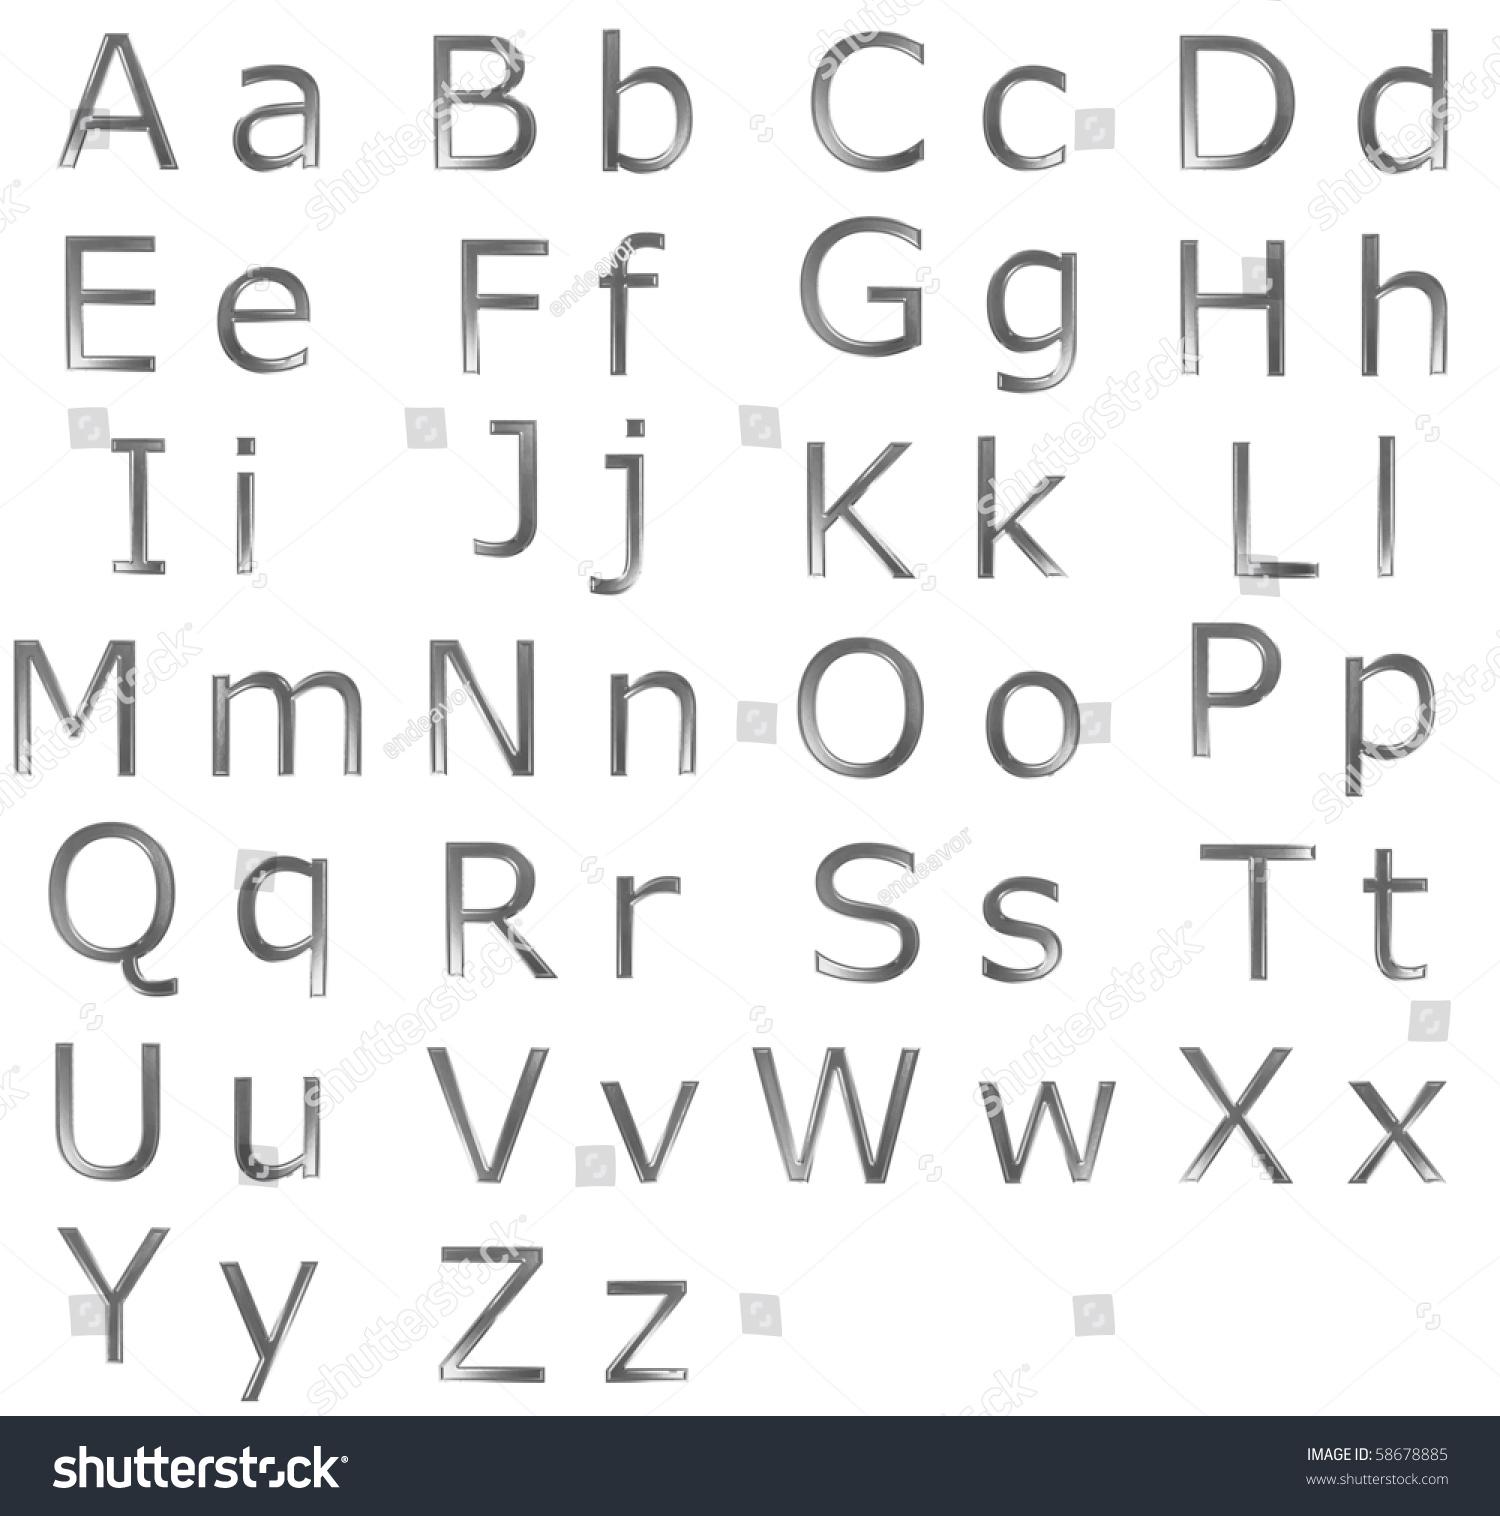 Upper Lower Case Alphabet Letters Steel Stock Illustration